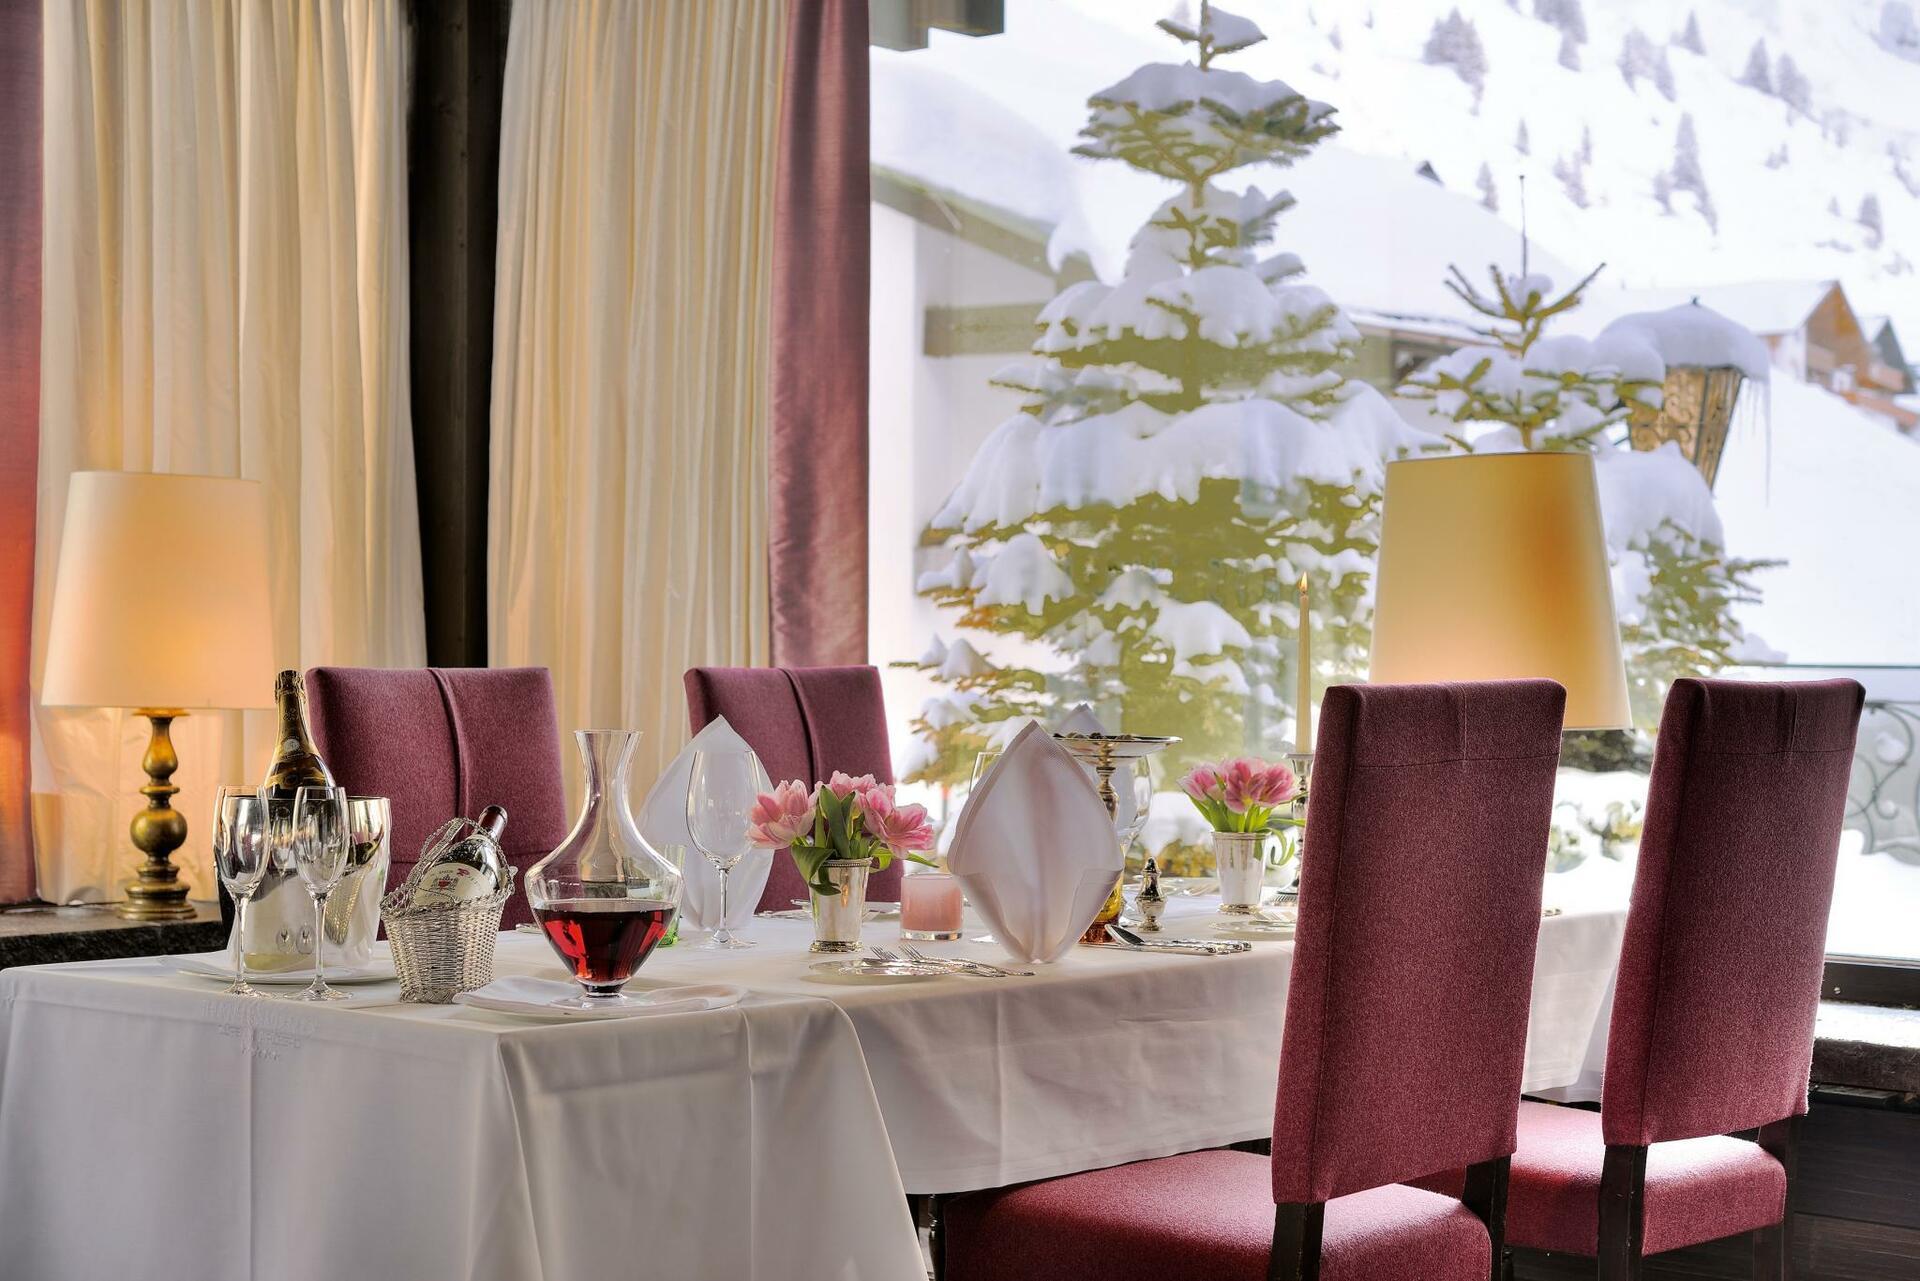 Restaurant Tisch gedeckt